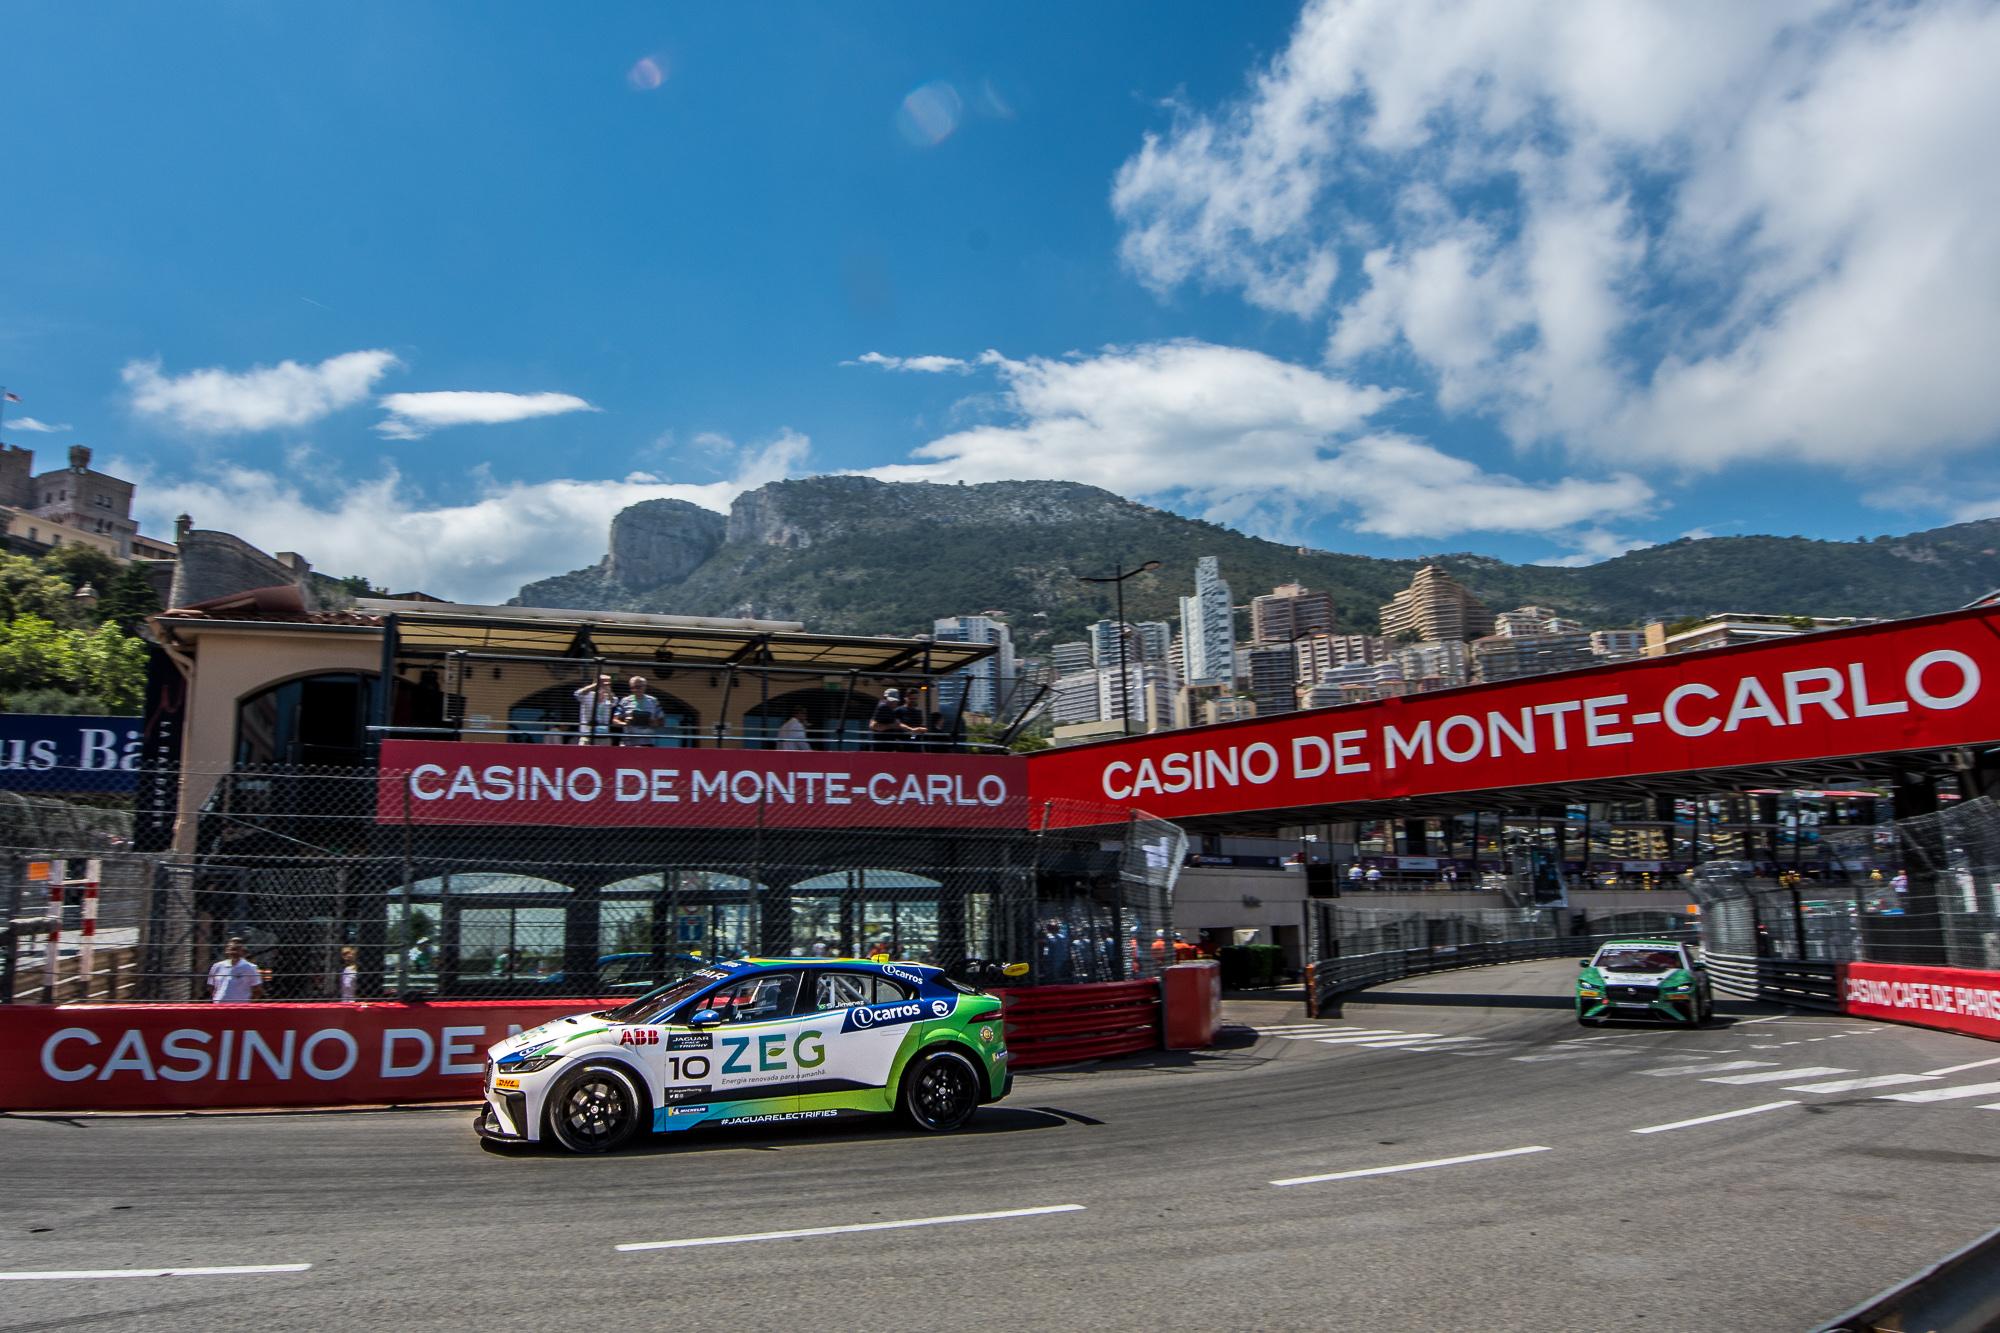 Jaguar_7.Monaco_josemariodias_04008